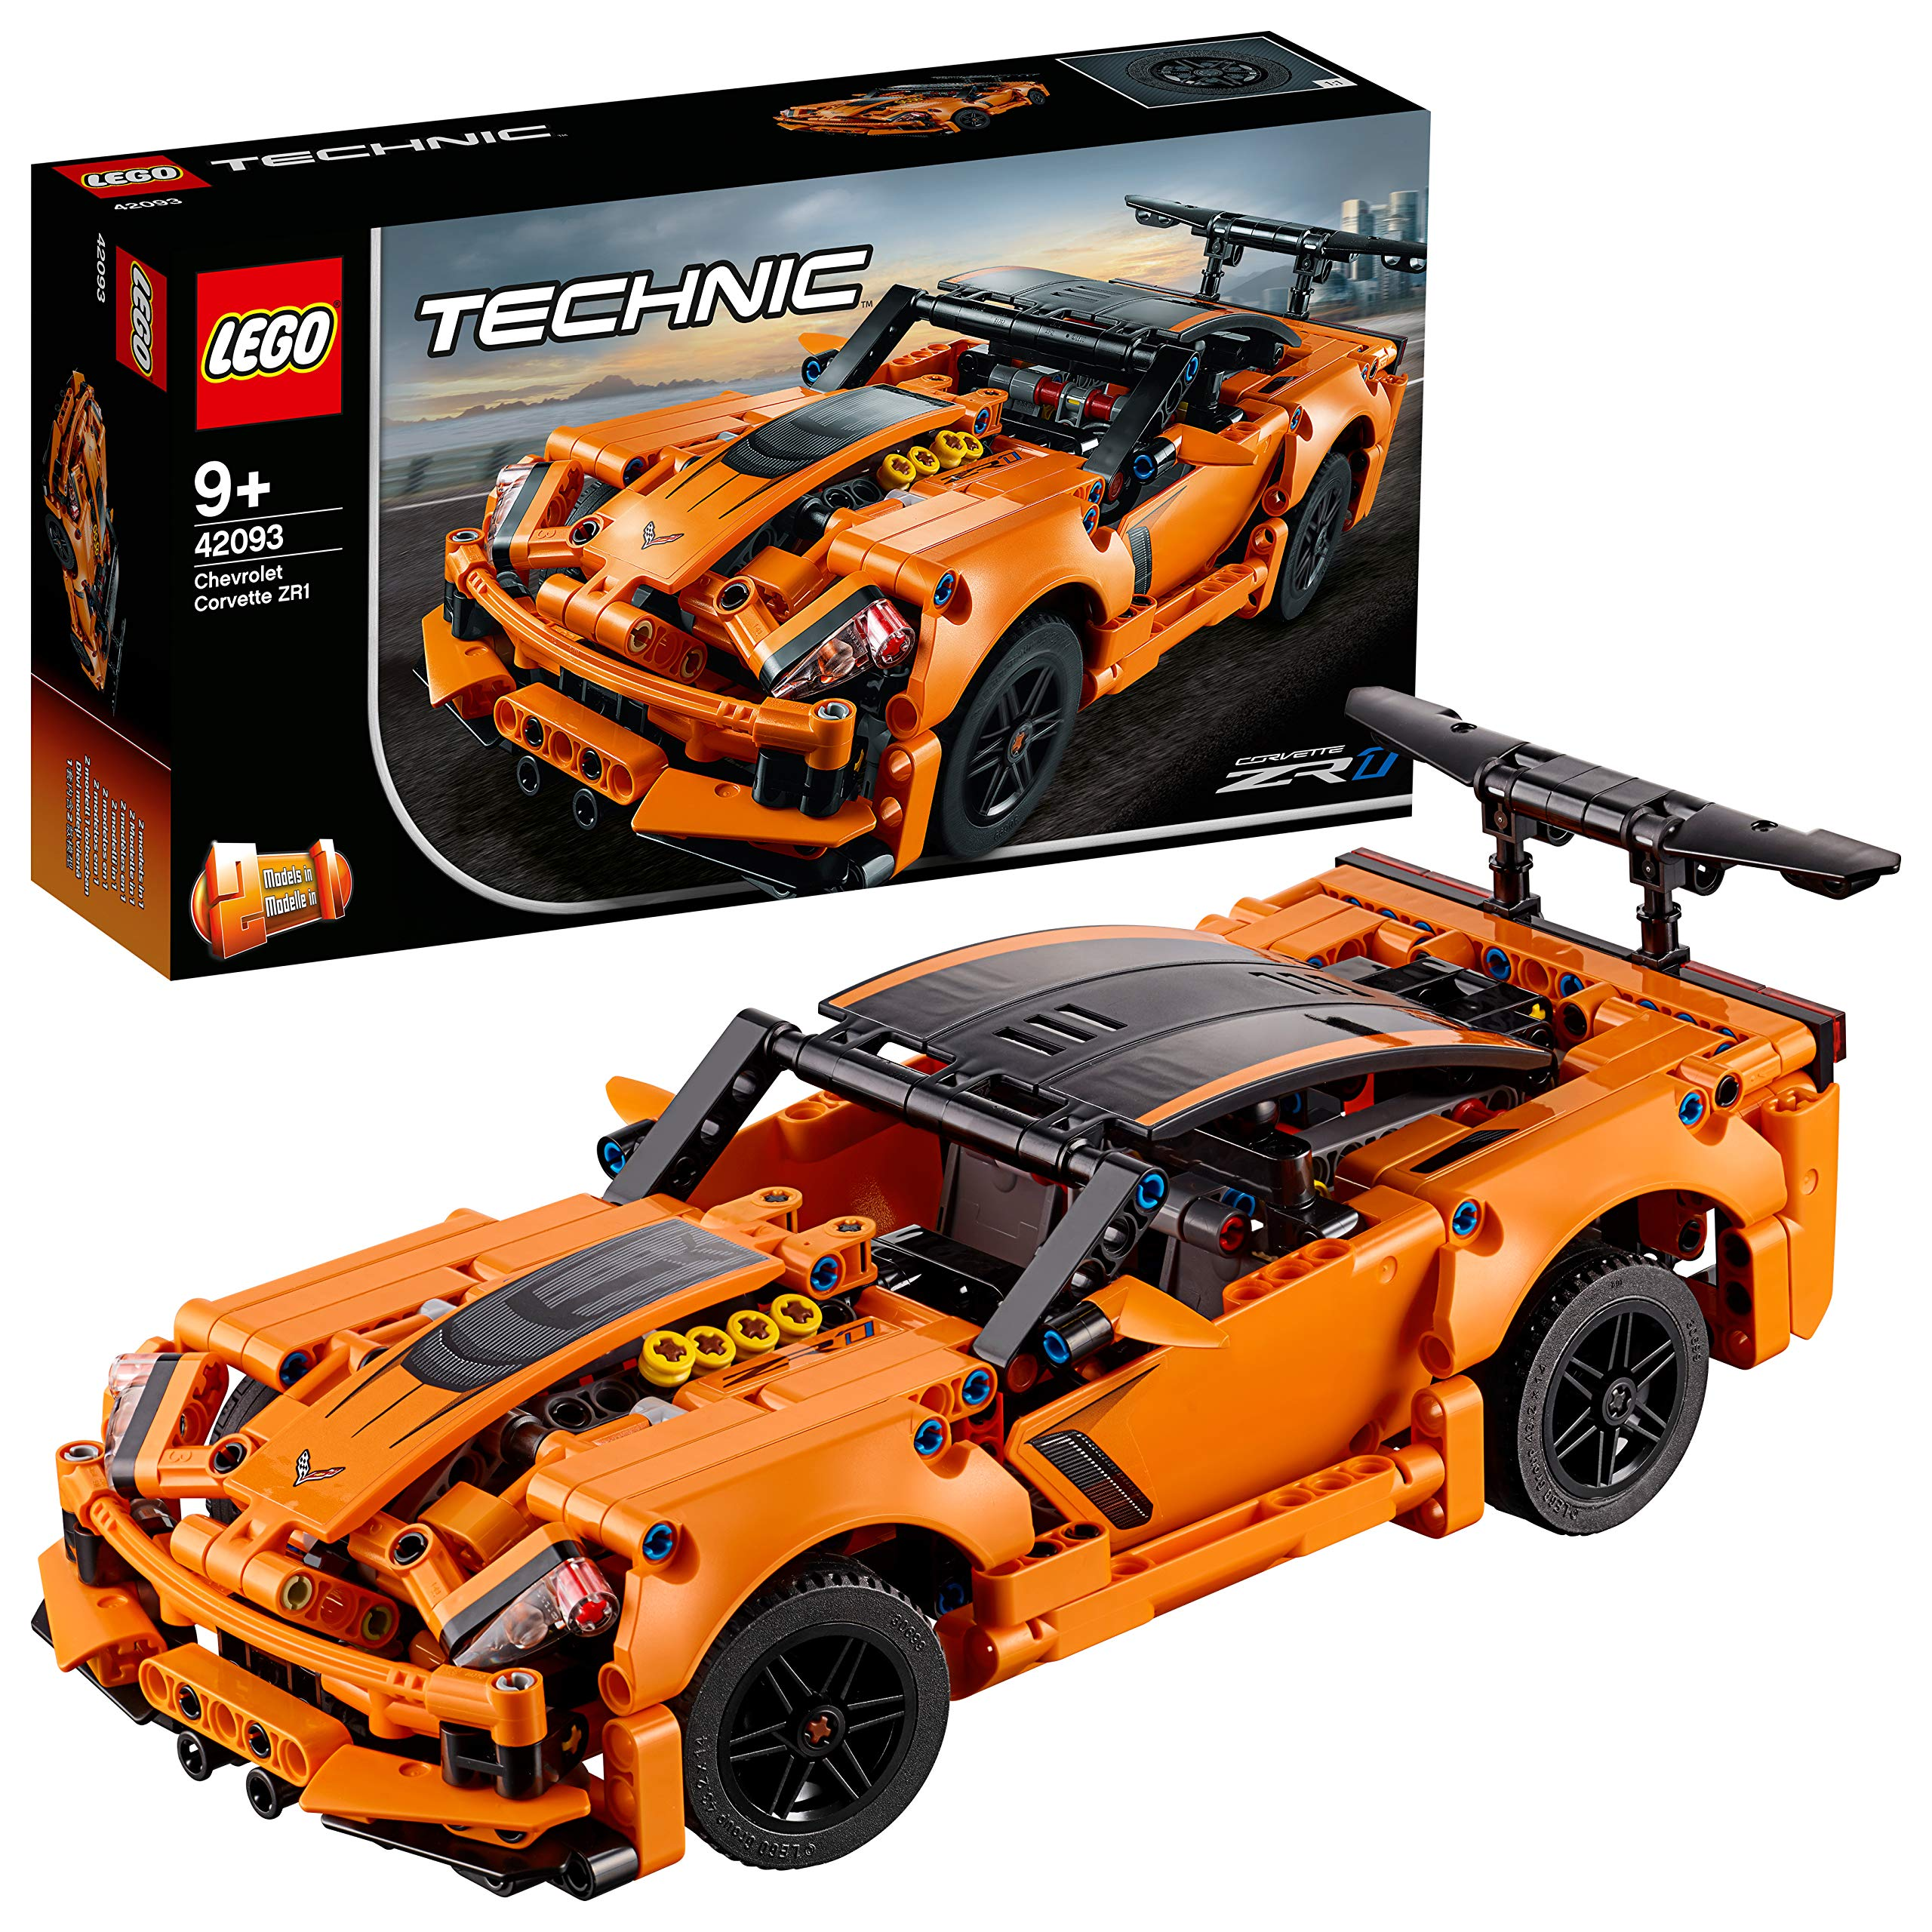 LEGO Technic Chevrolet Corvette ZR1 42093 Building Kit, 2019 (579 Pieces) by LEGO